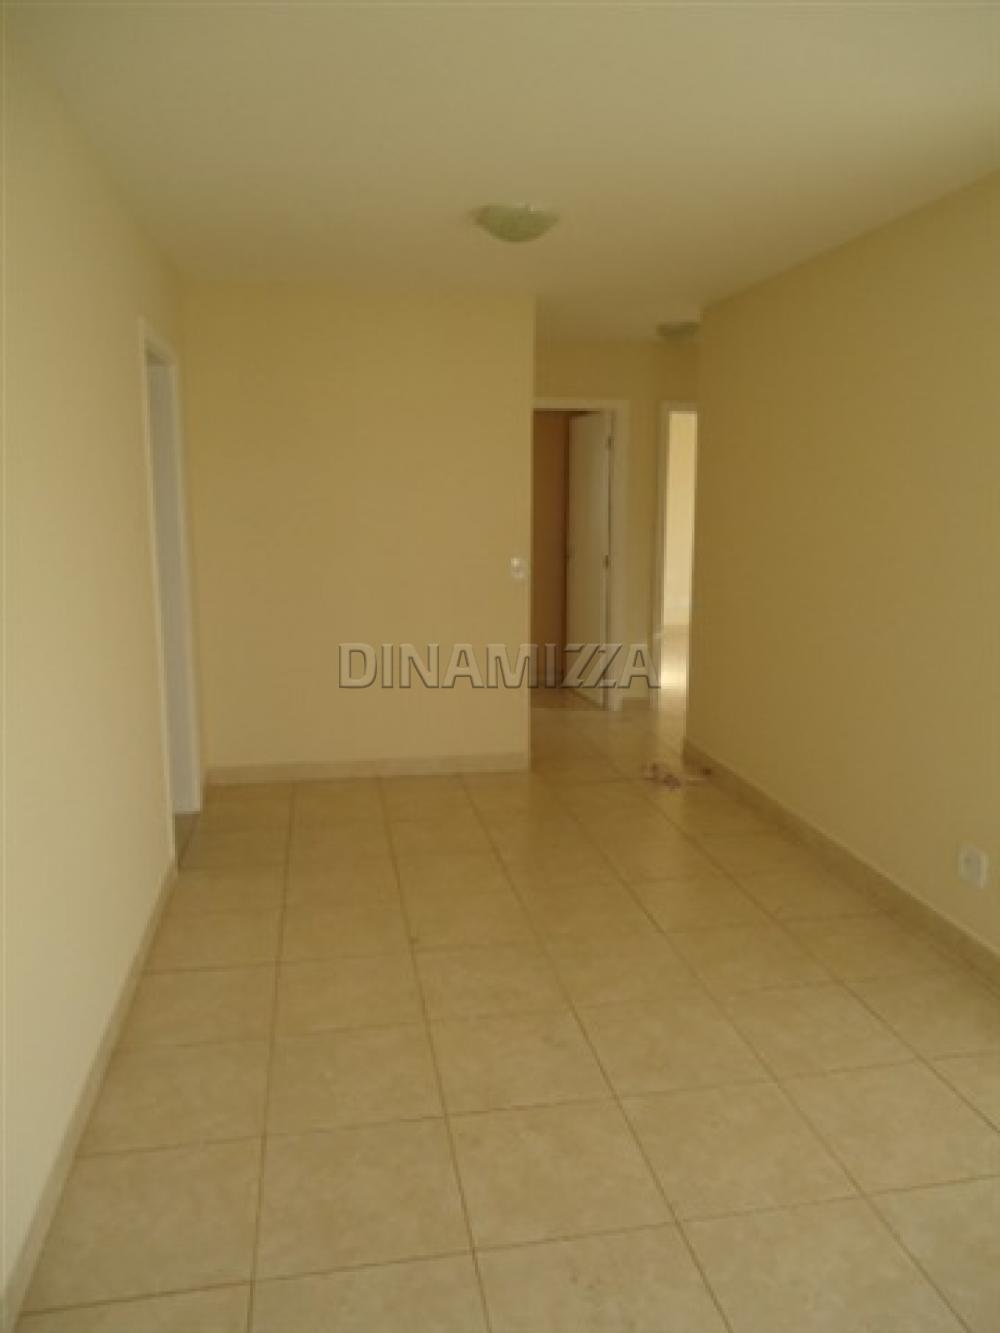 Alugar Apartamento / Padrão em Uberaba apenas R$ 1.200,00 - Foto 3